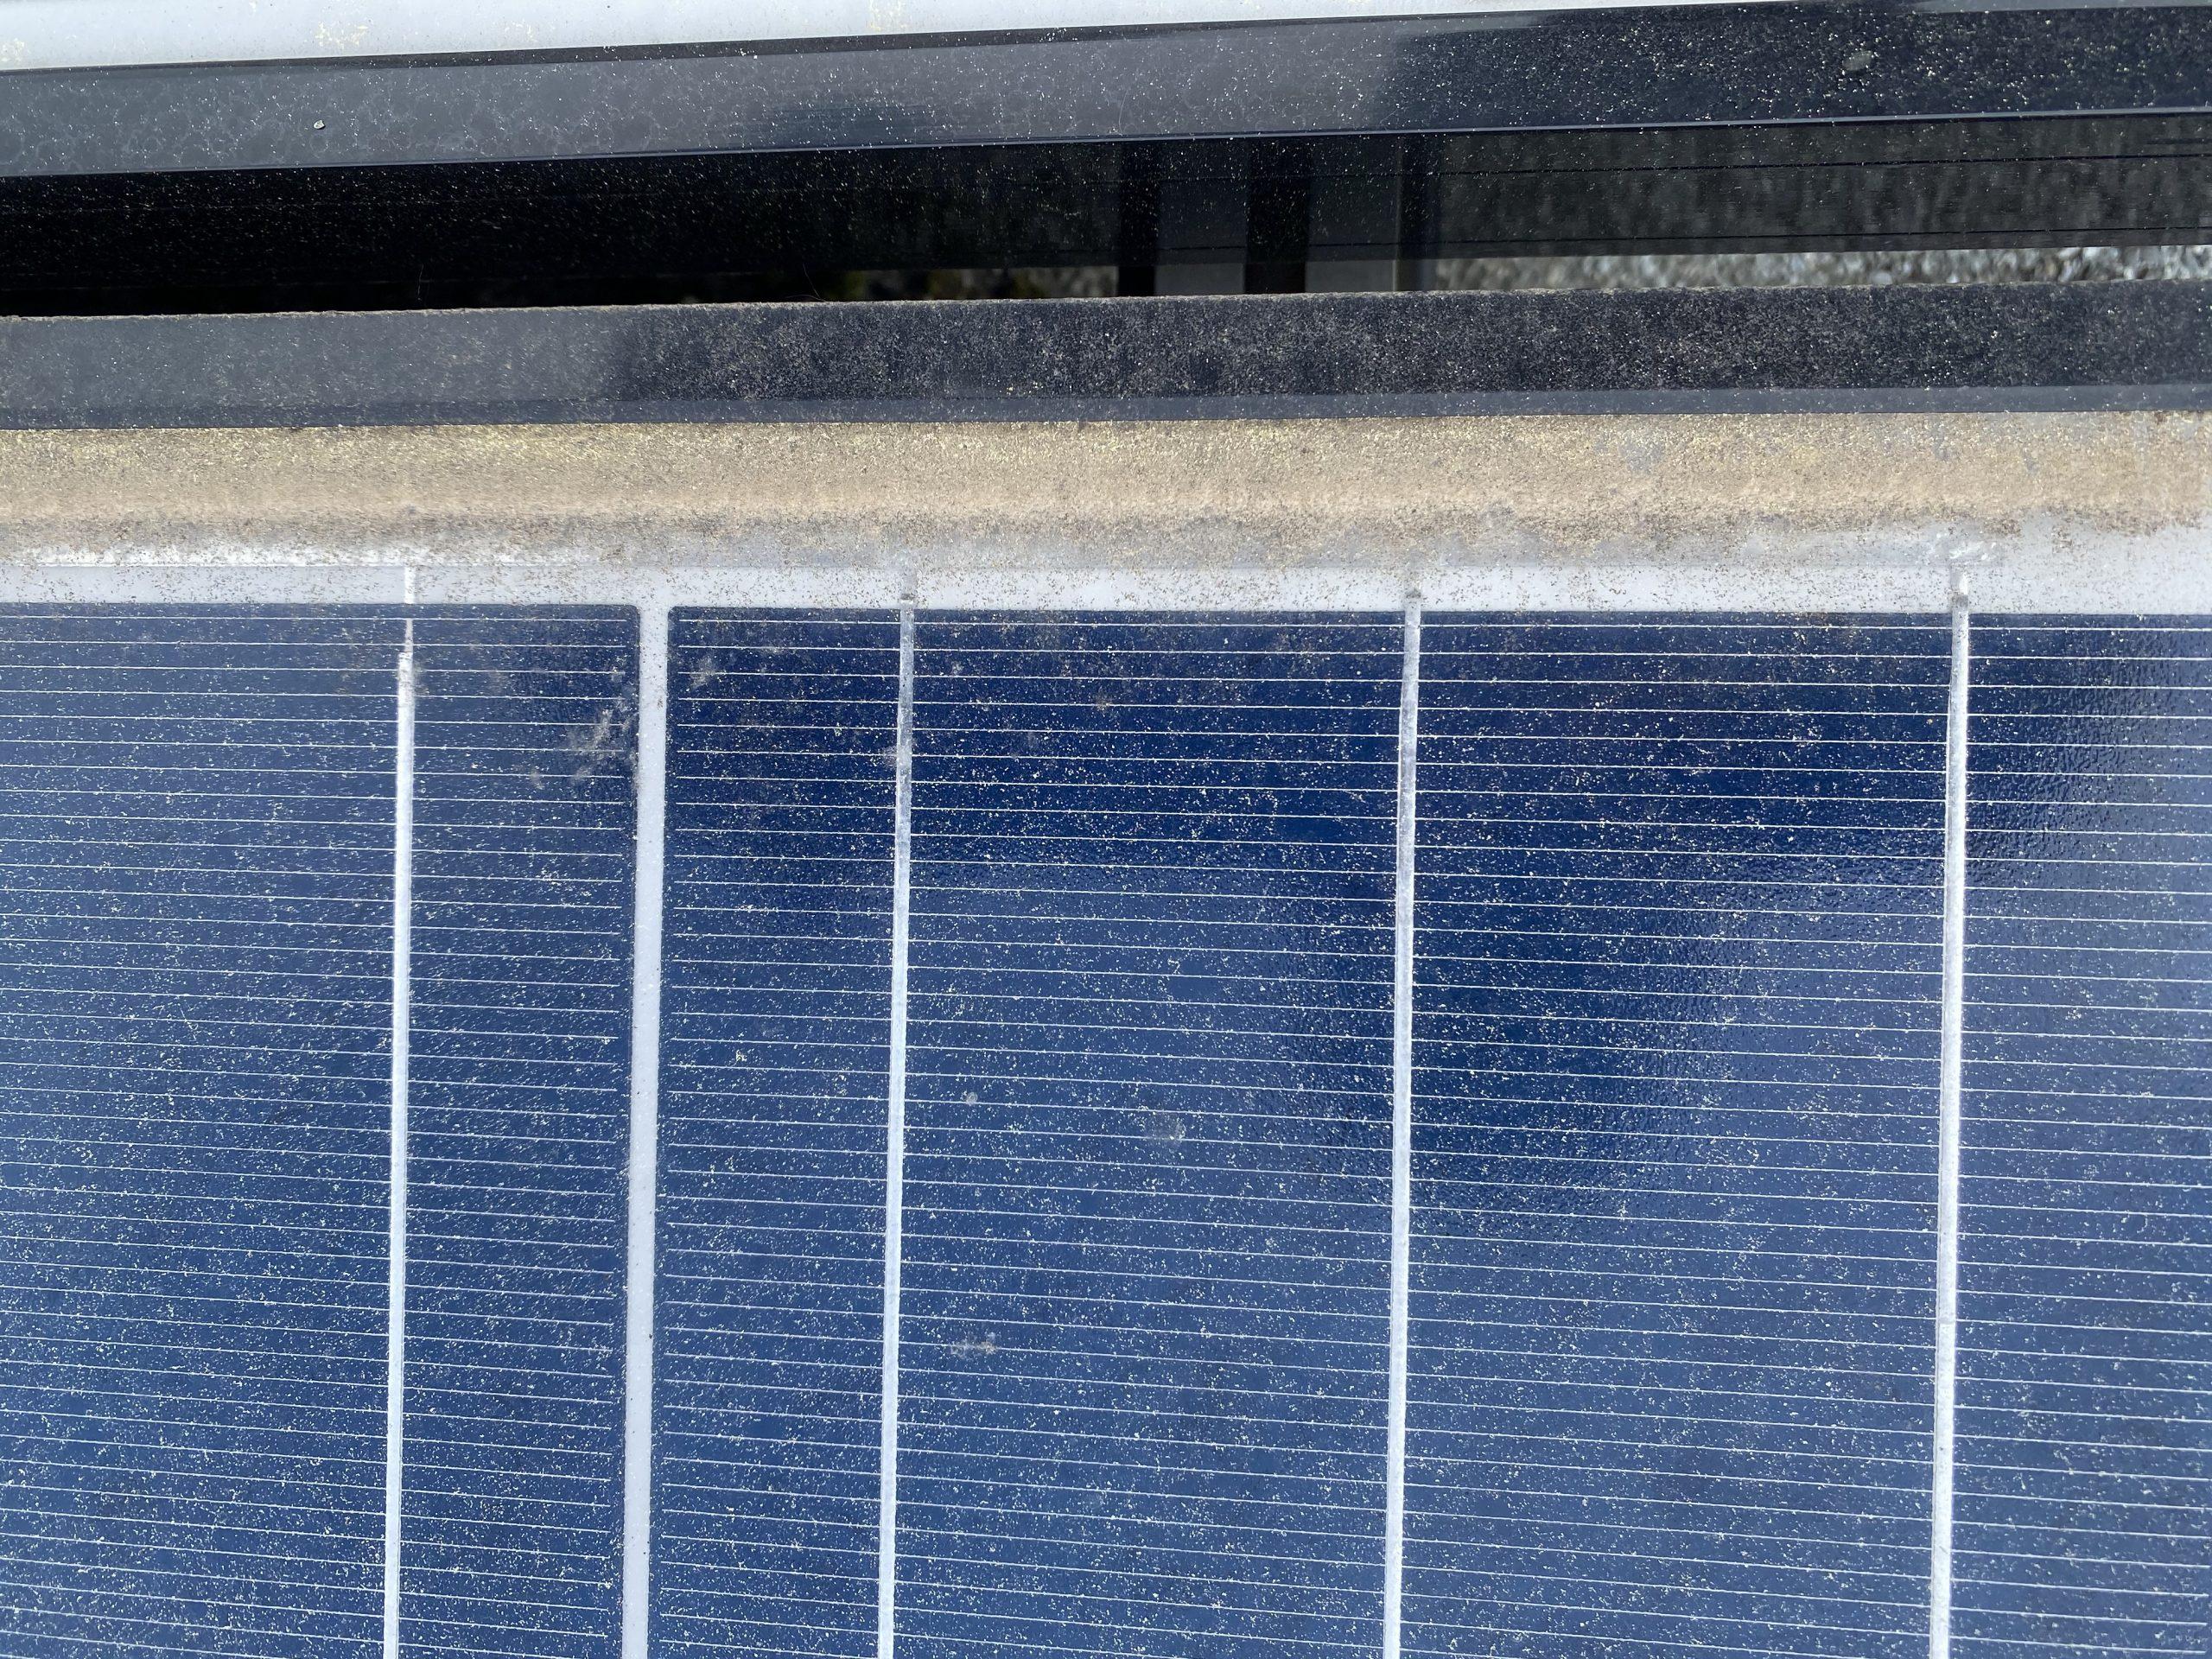 Abbildung einer verschmutzten Solarzelle bei der eine Reinigung notwendig ist